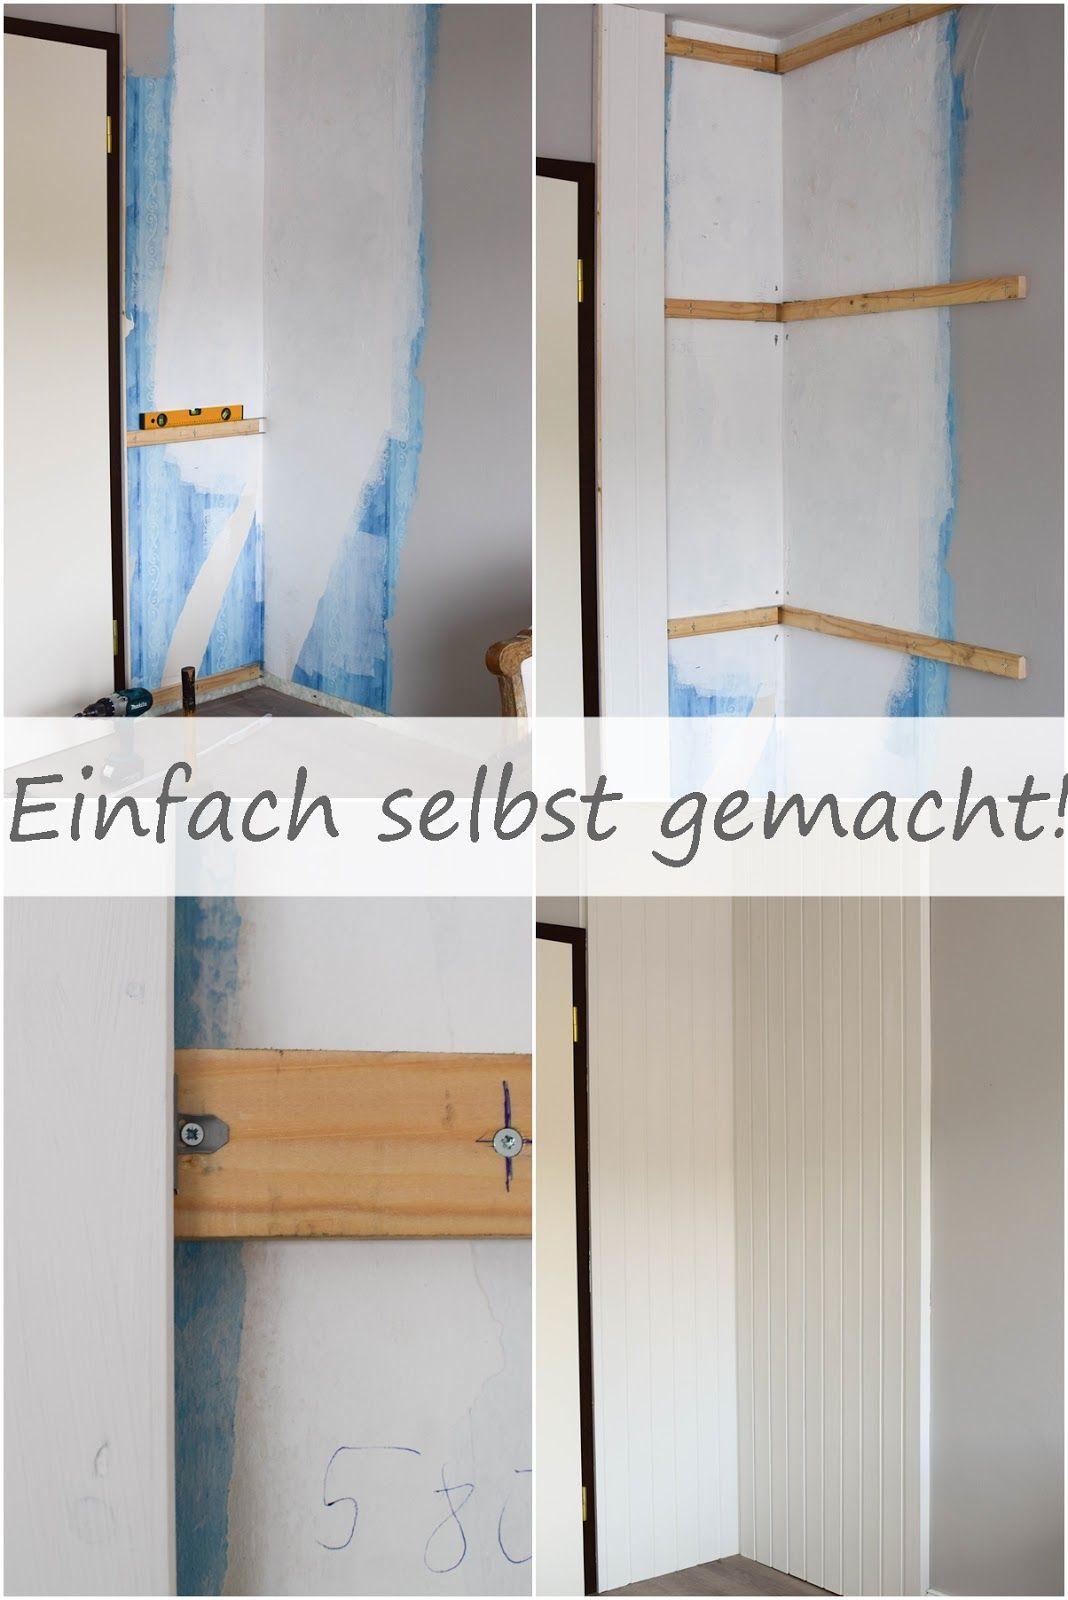 GroBartig Wandverkleidung DIY Aus Holz Mit Nut Und Federbretter Kreidefarbe Von  Painting The Past Renovierung Vertaefelung Beadboard